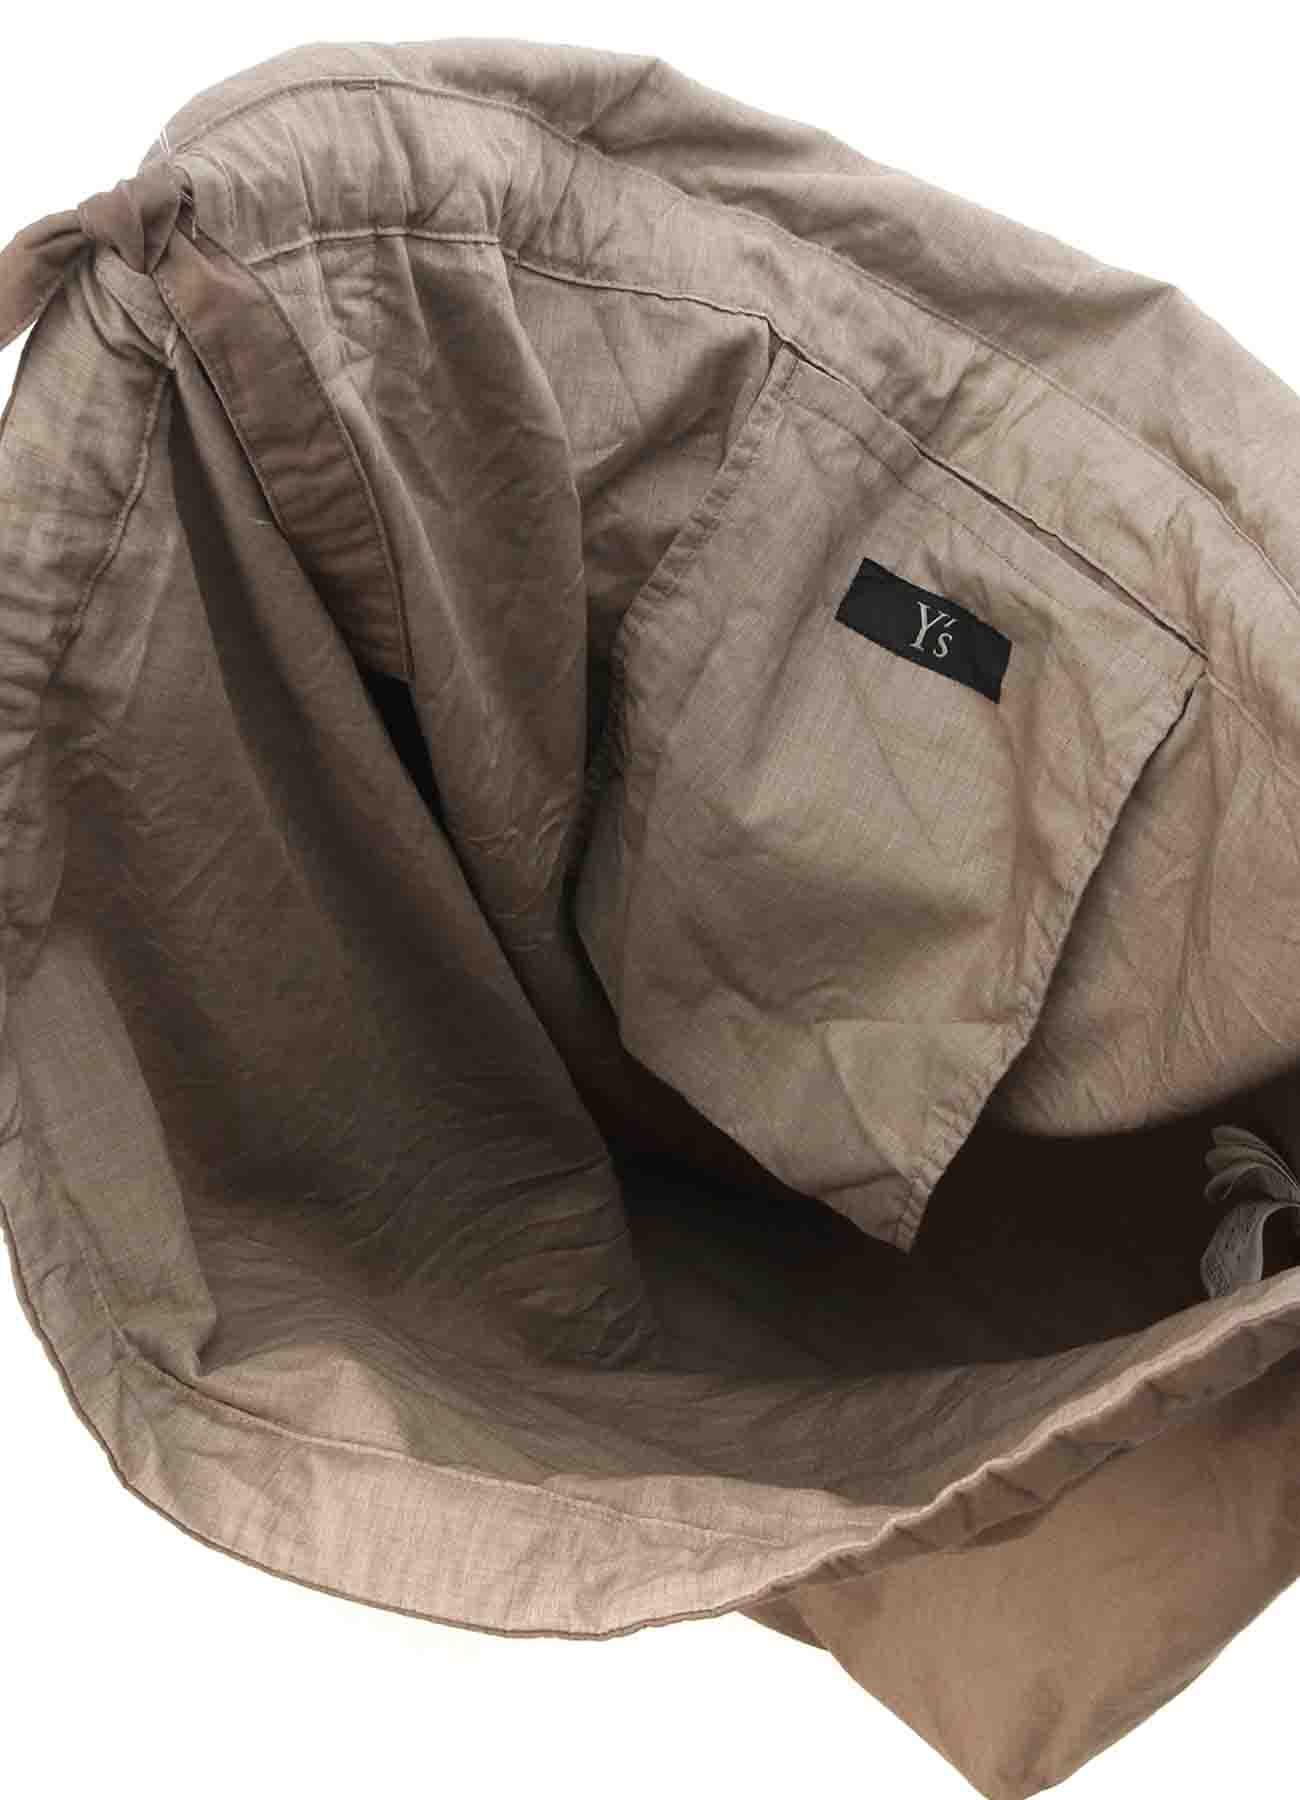 60/-TYPEWRITER PR DYE KDECO POCKET BAG